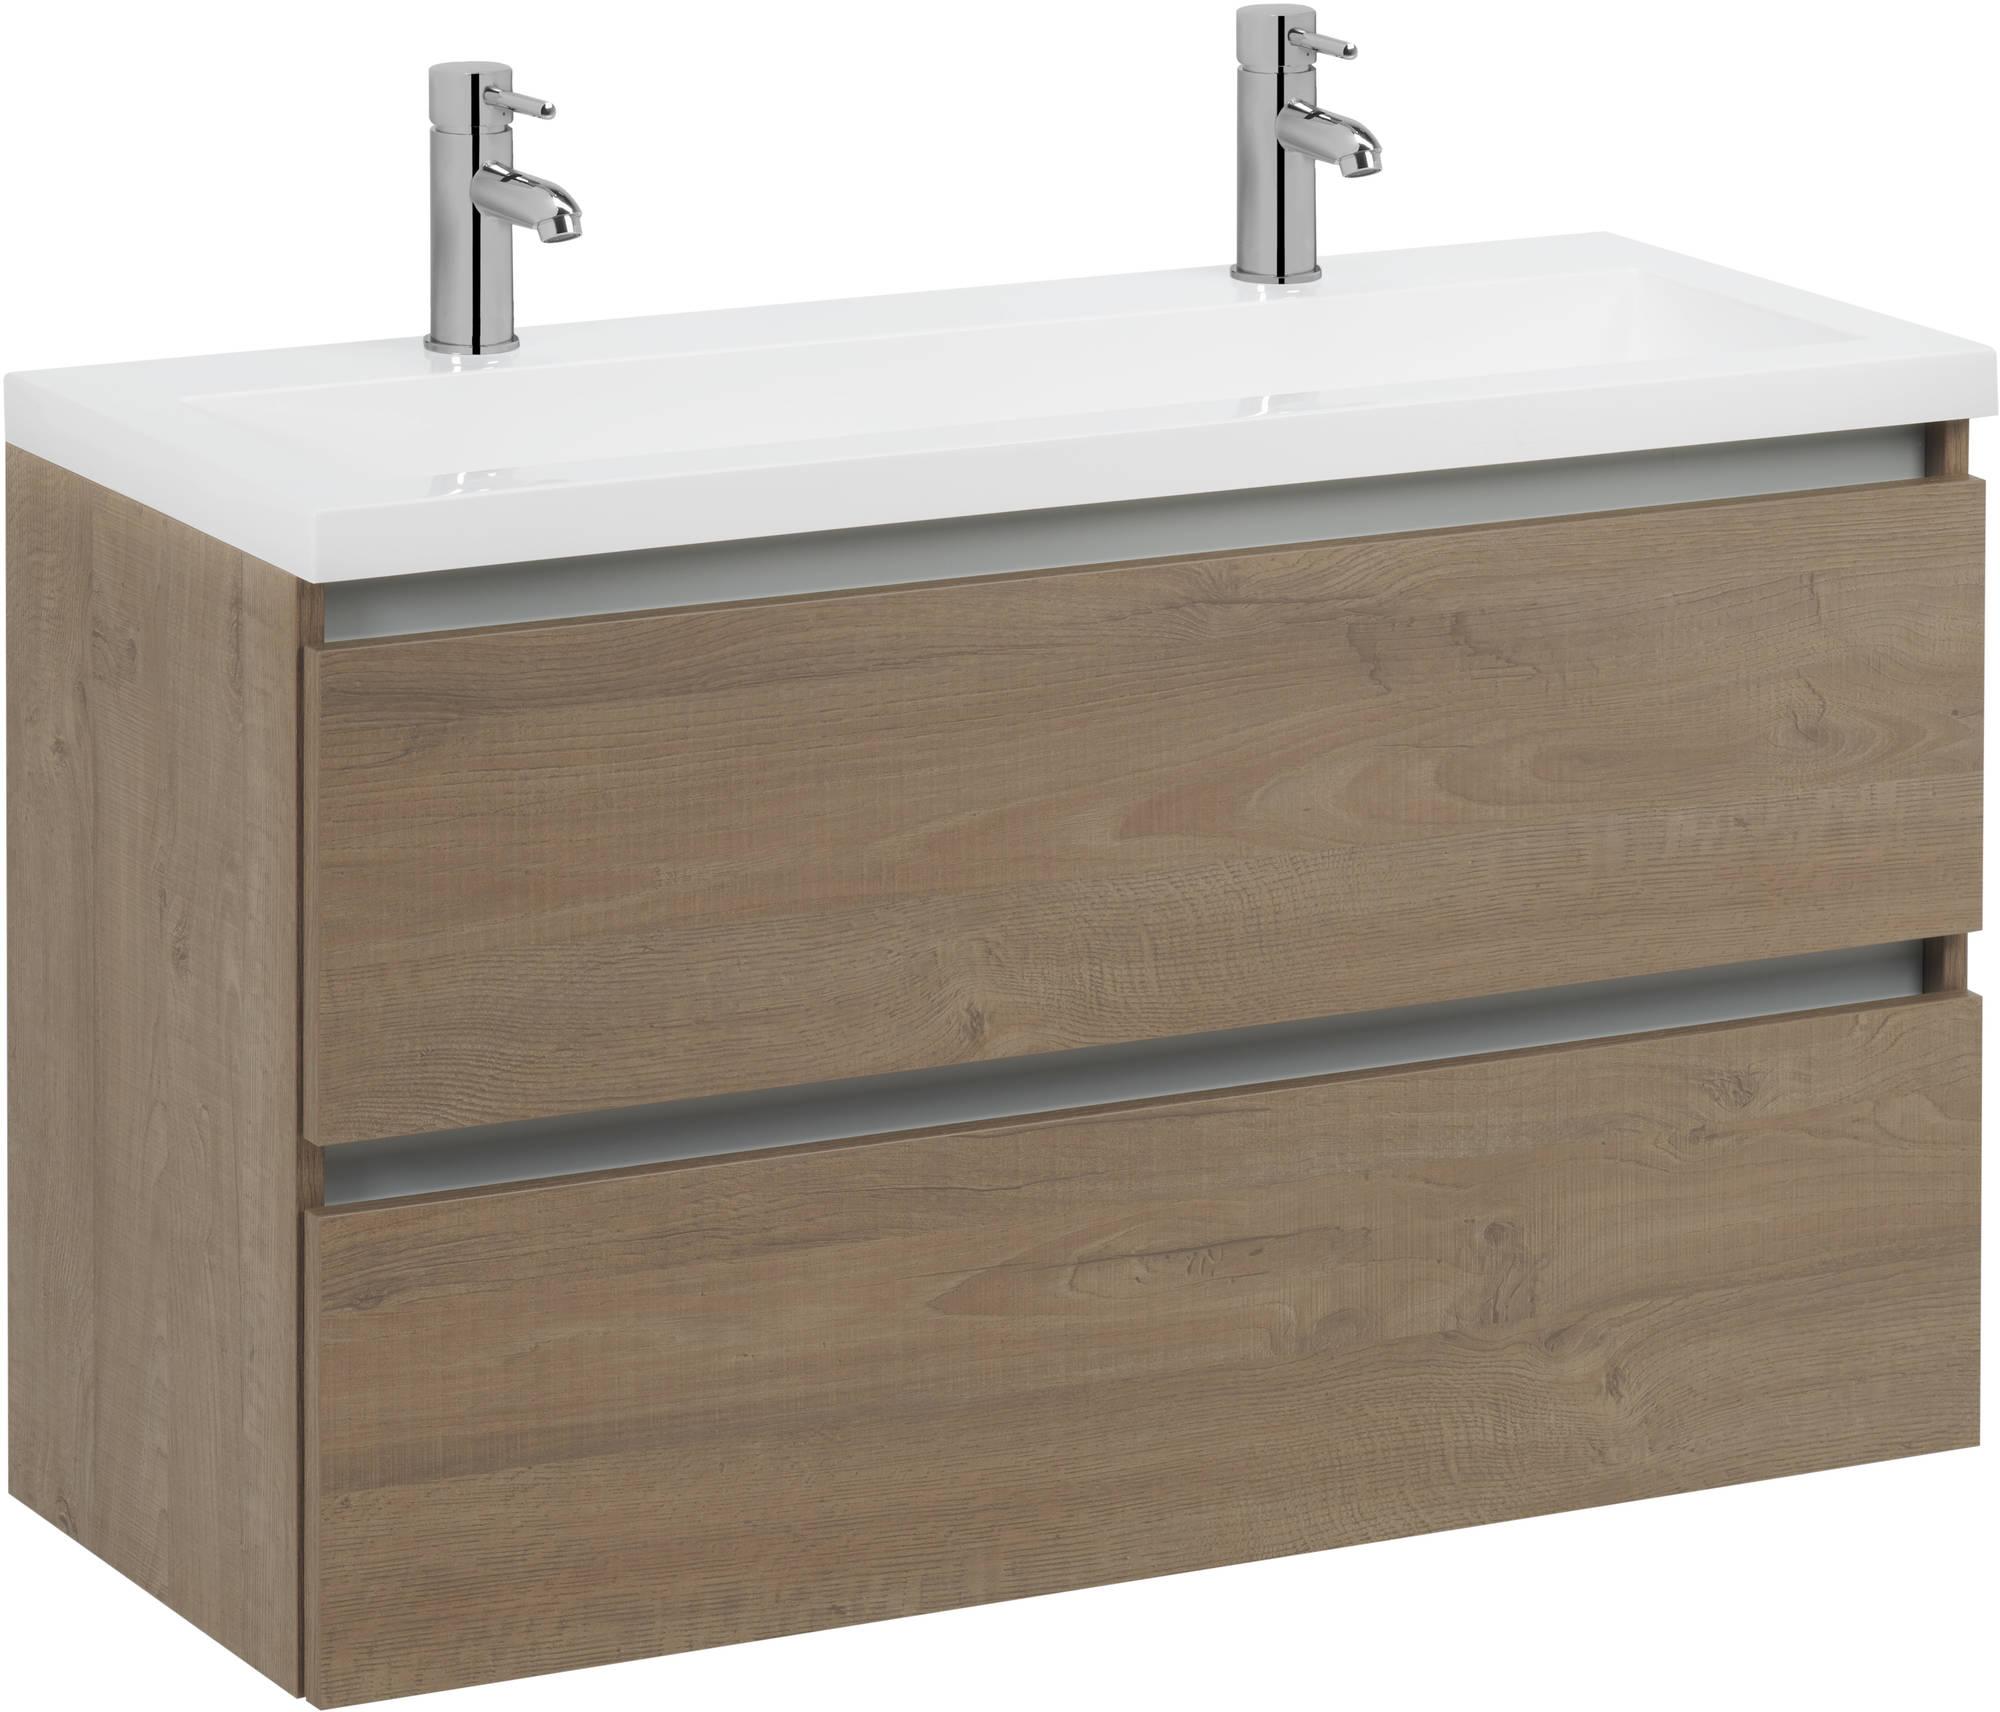 Saniselect Guarda meubelset 2 lades met mineraalmarmere wastafel greeploos 120cm Toffee